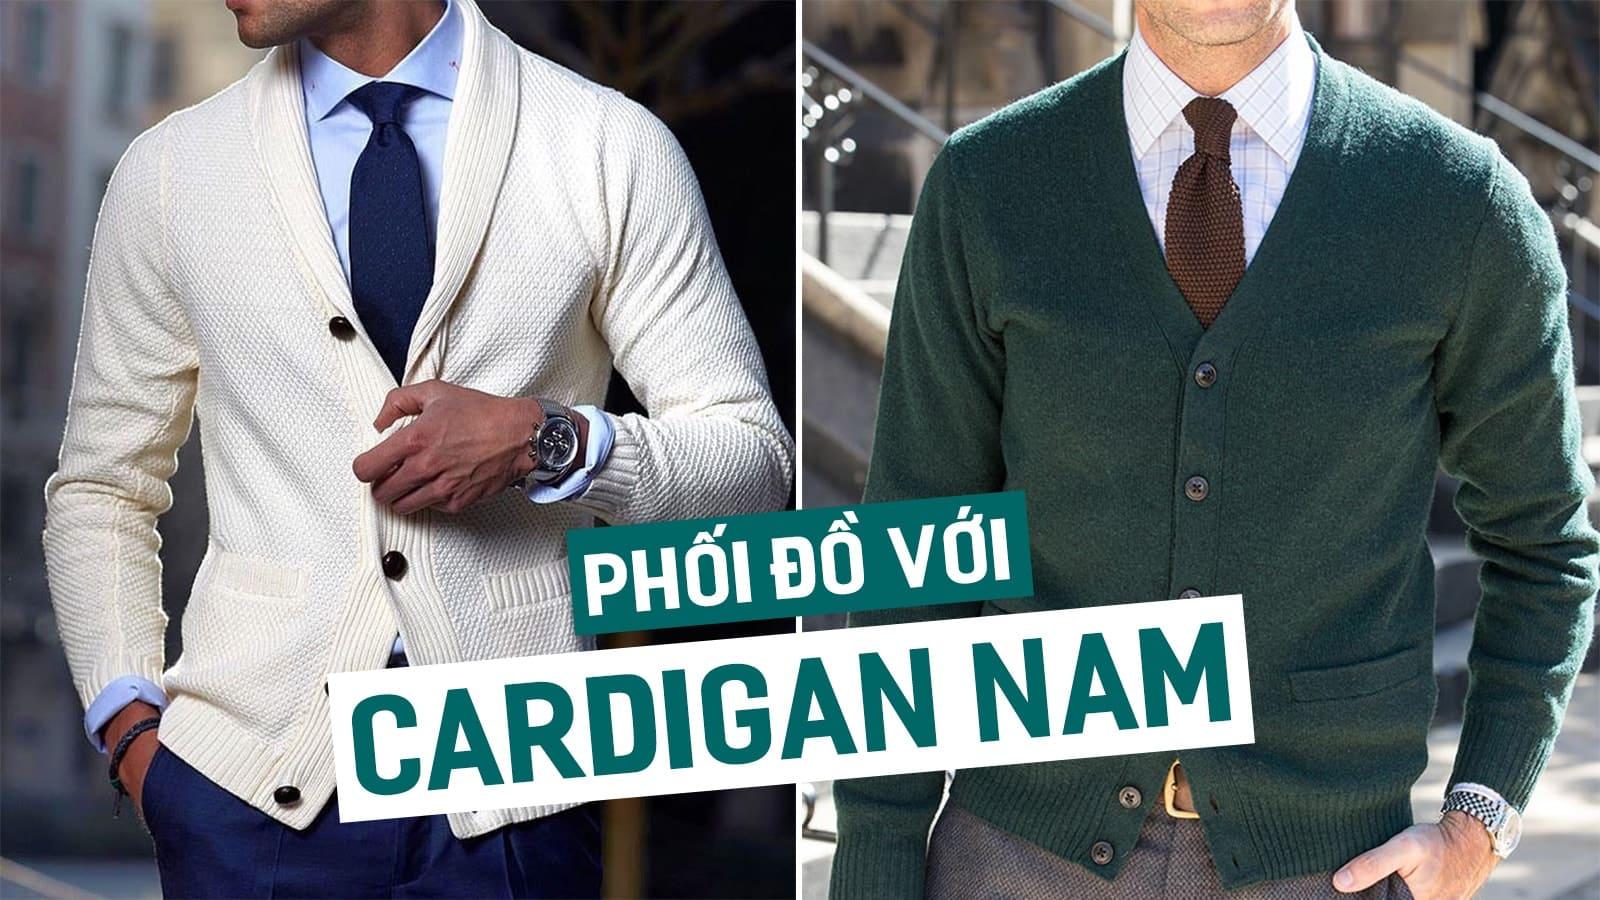 Muôn vạn cách phối màu với áo sơ mi nam Xanh Biển Việt Tiến chuẩn soái ca 13